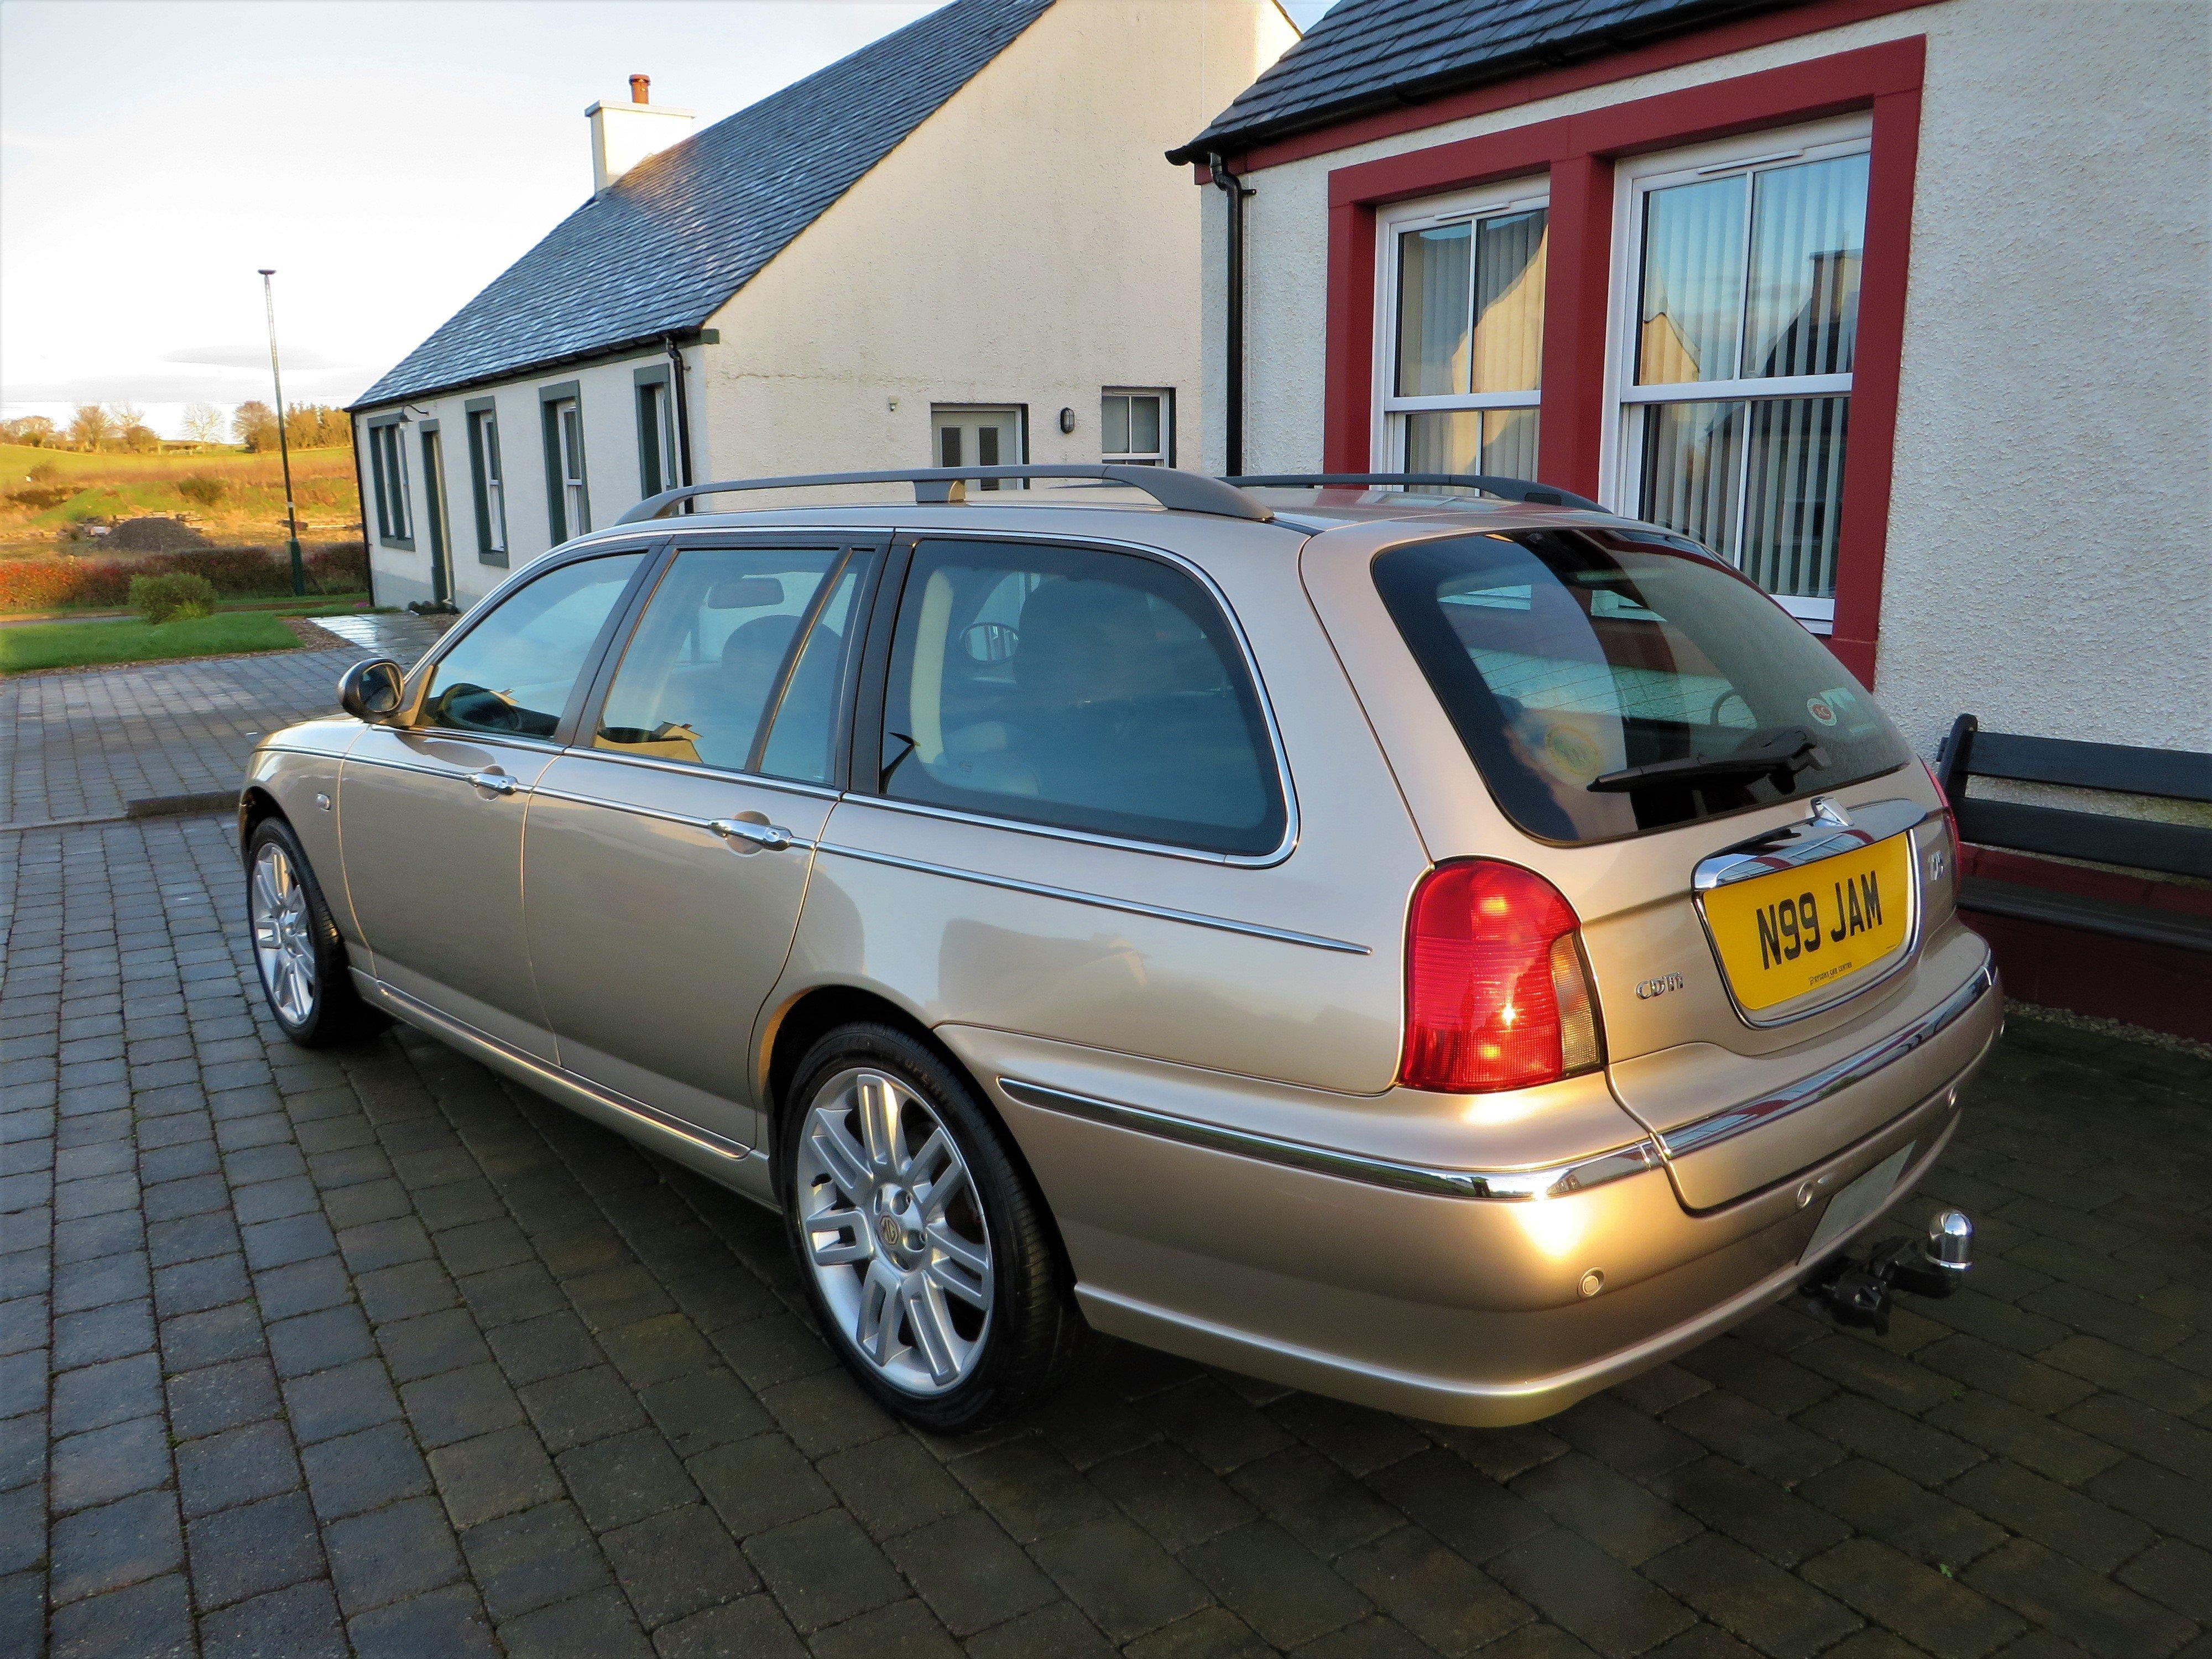 Rover 752.0 CDTi Club Tourer diesel 131bhp